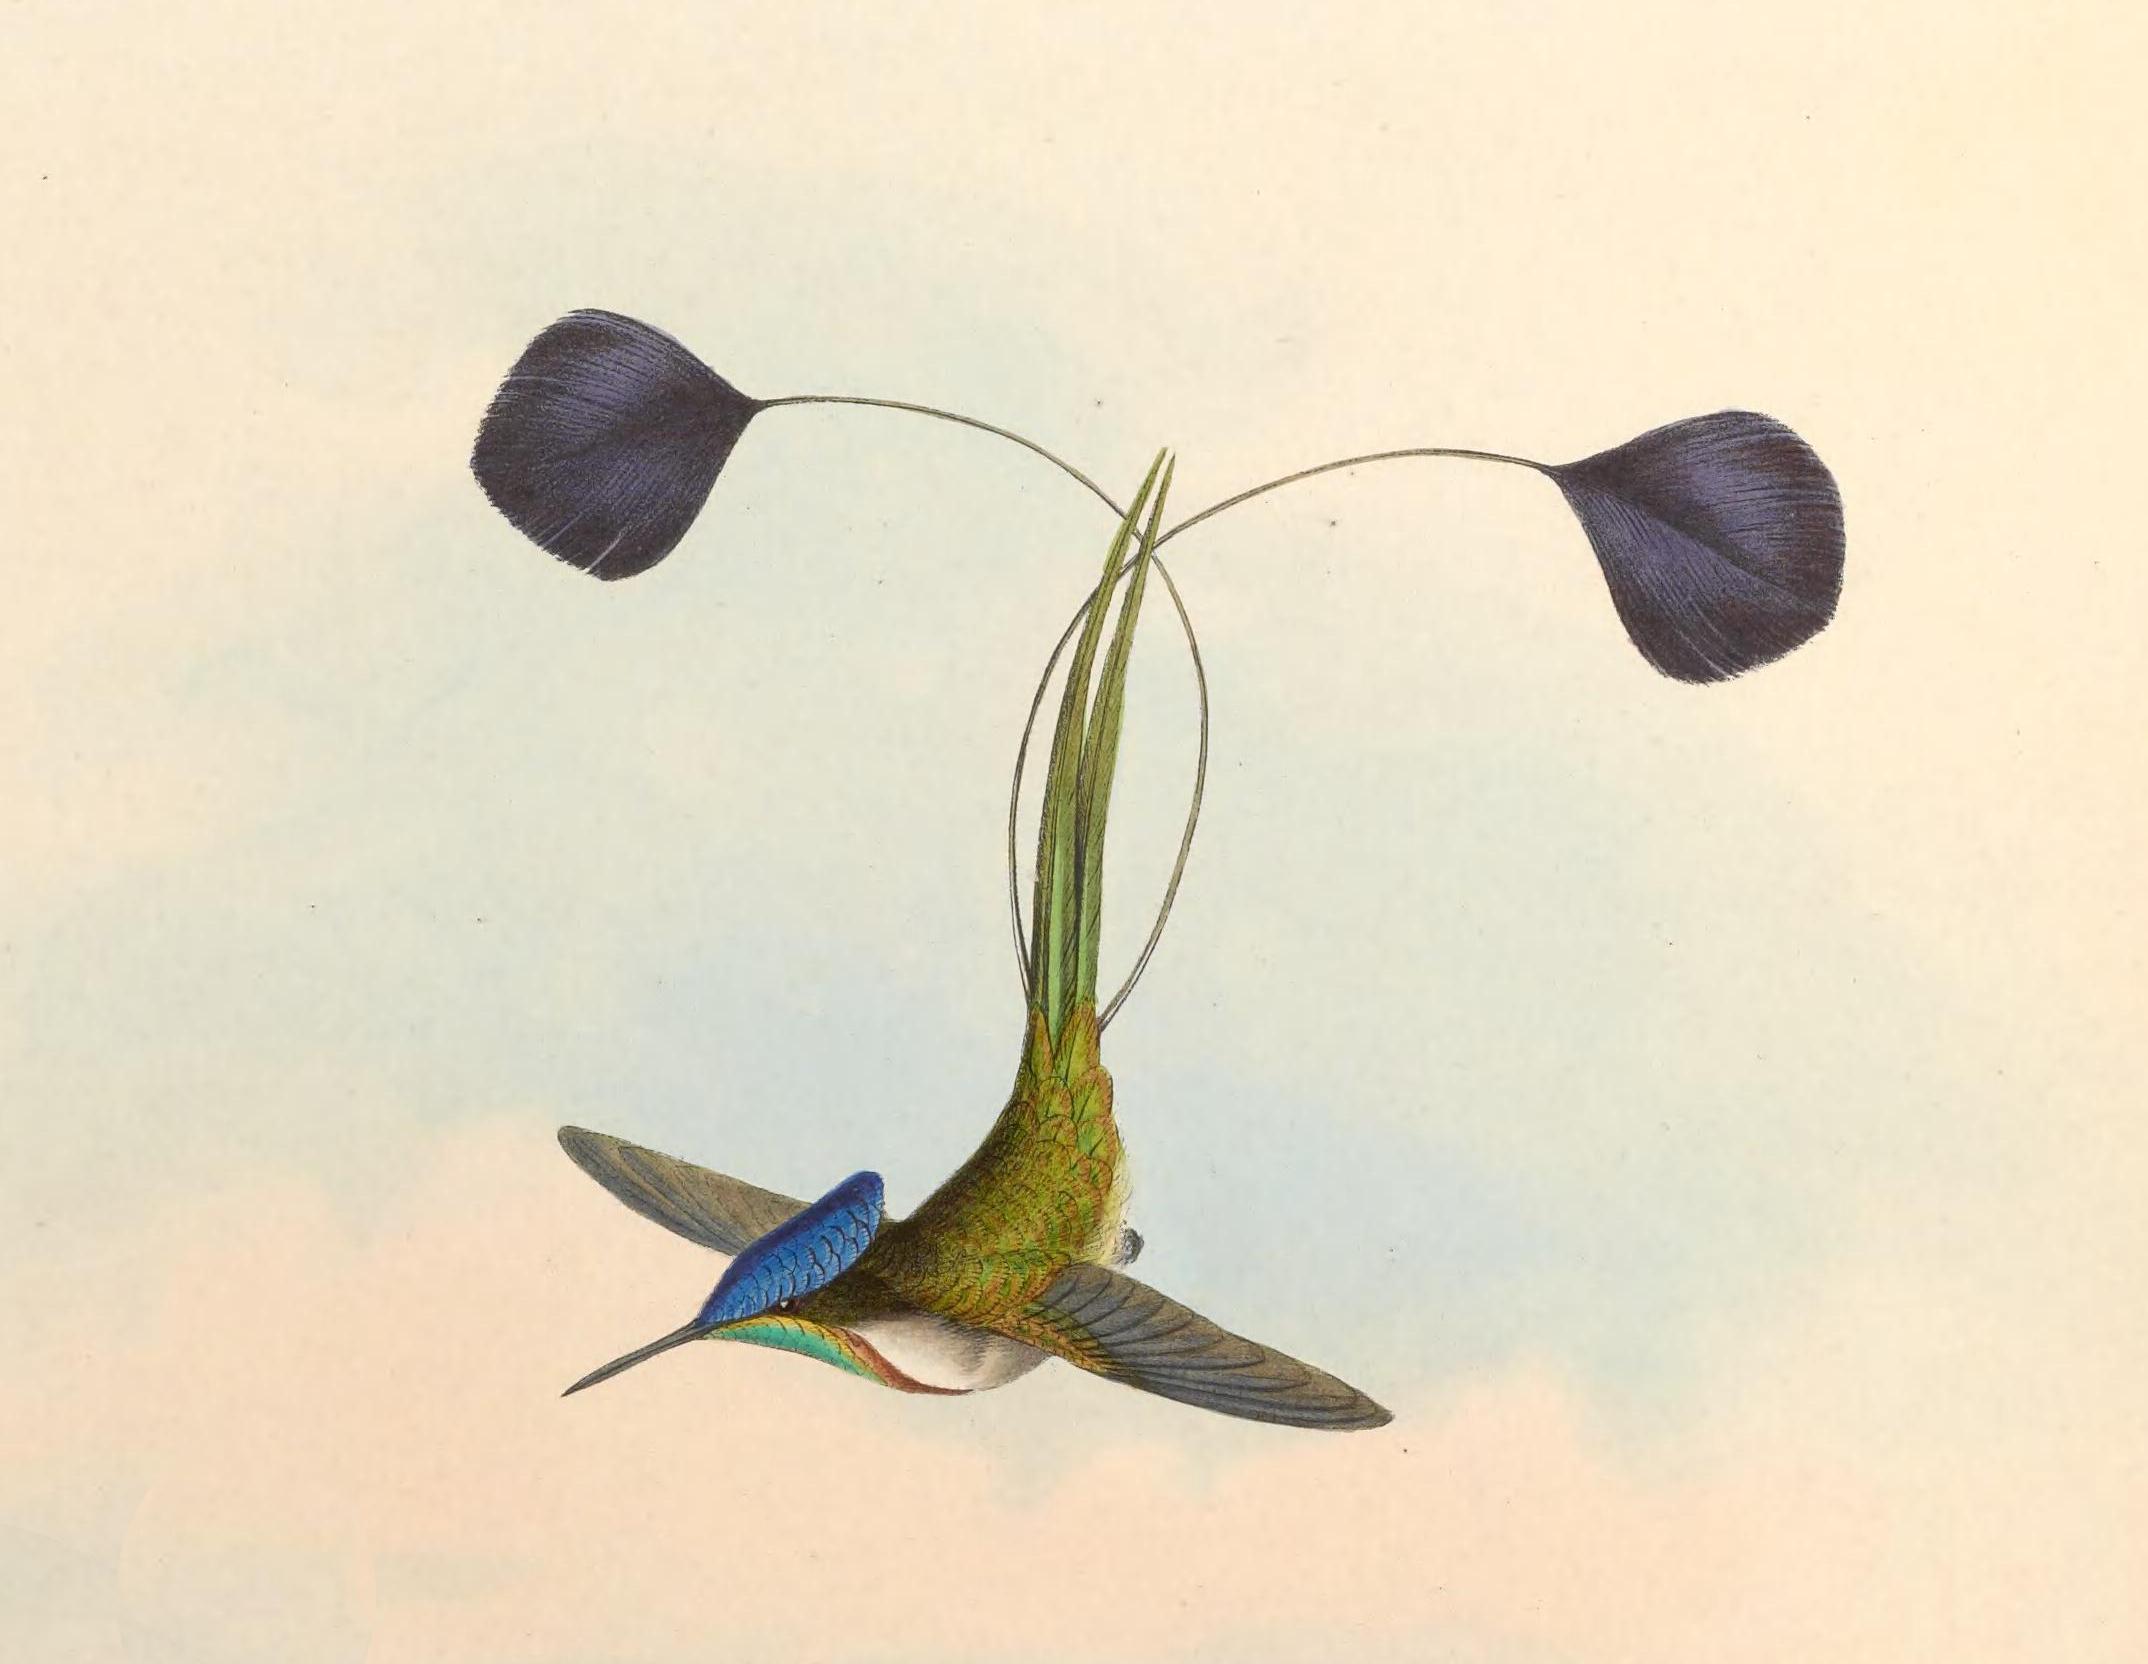 O beija-flor Loddigesia mirabilis, redescoberto por Augusto Ruschi. Ilustração: John Gould